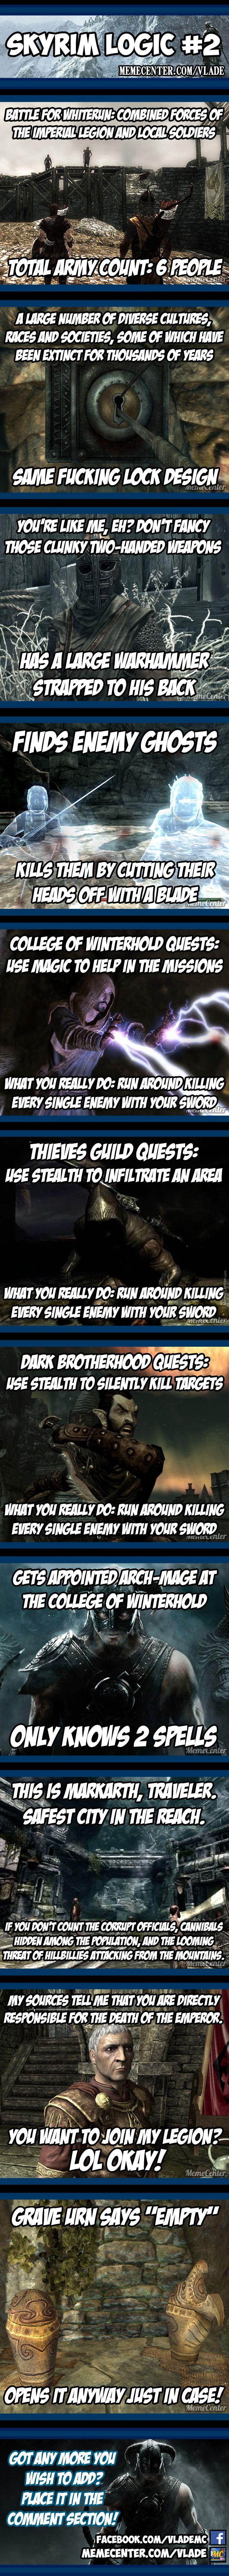 skyrim logic #2